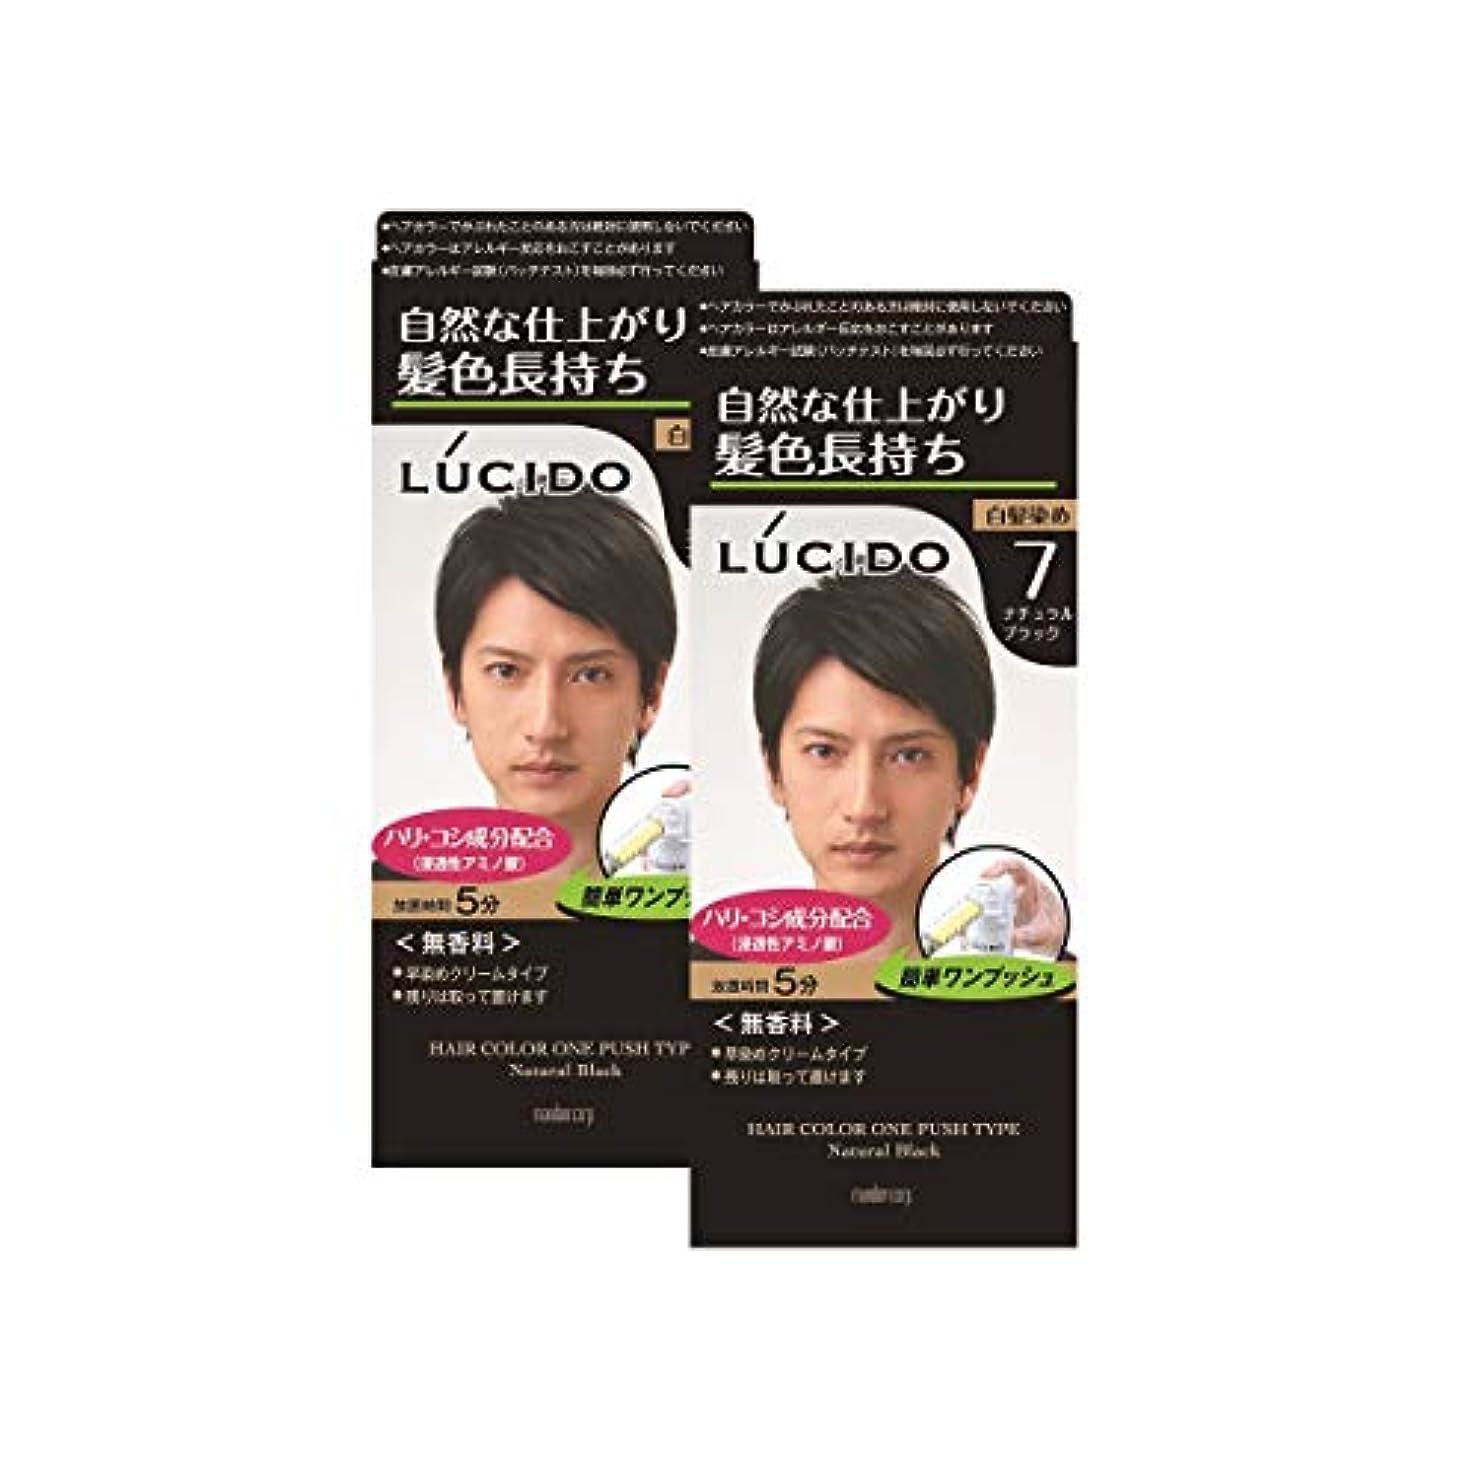 疑問に思うそばにしてはいけません【まとめ買い】ルシード(LUCIDO)ワンプッシュケアカラー ナチュラルブラック 2個パック メンズ用 無香料 白髪染め ショートヘア約4回分